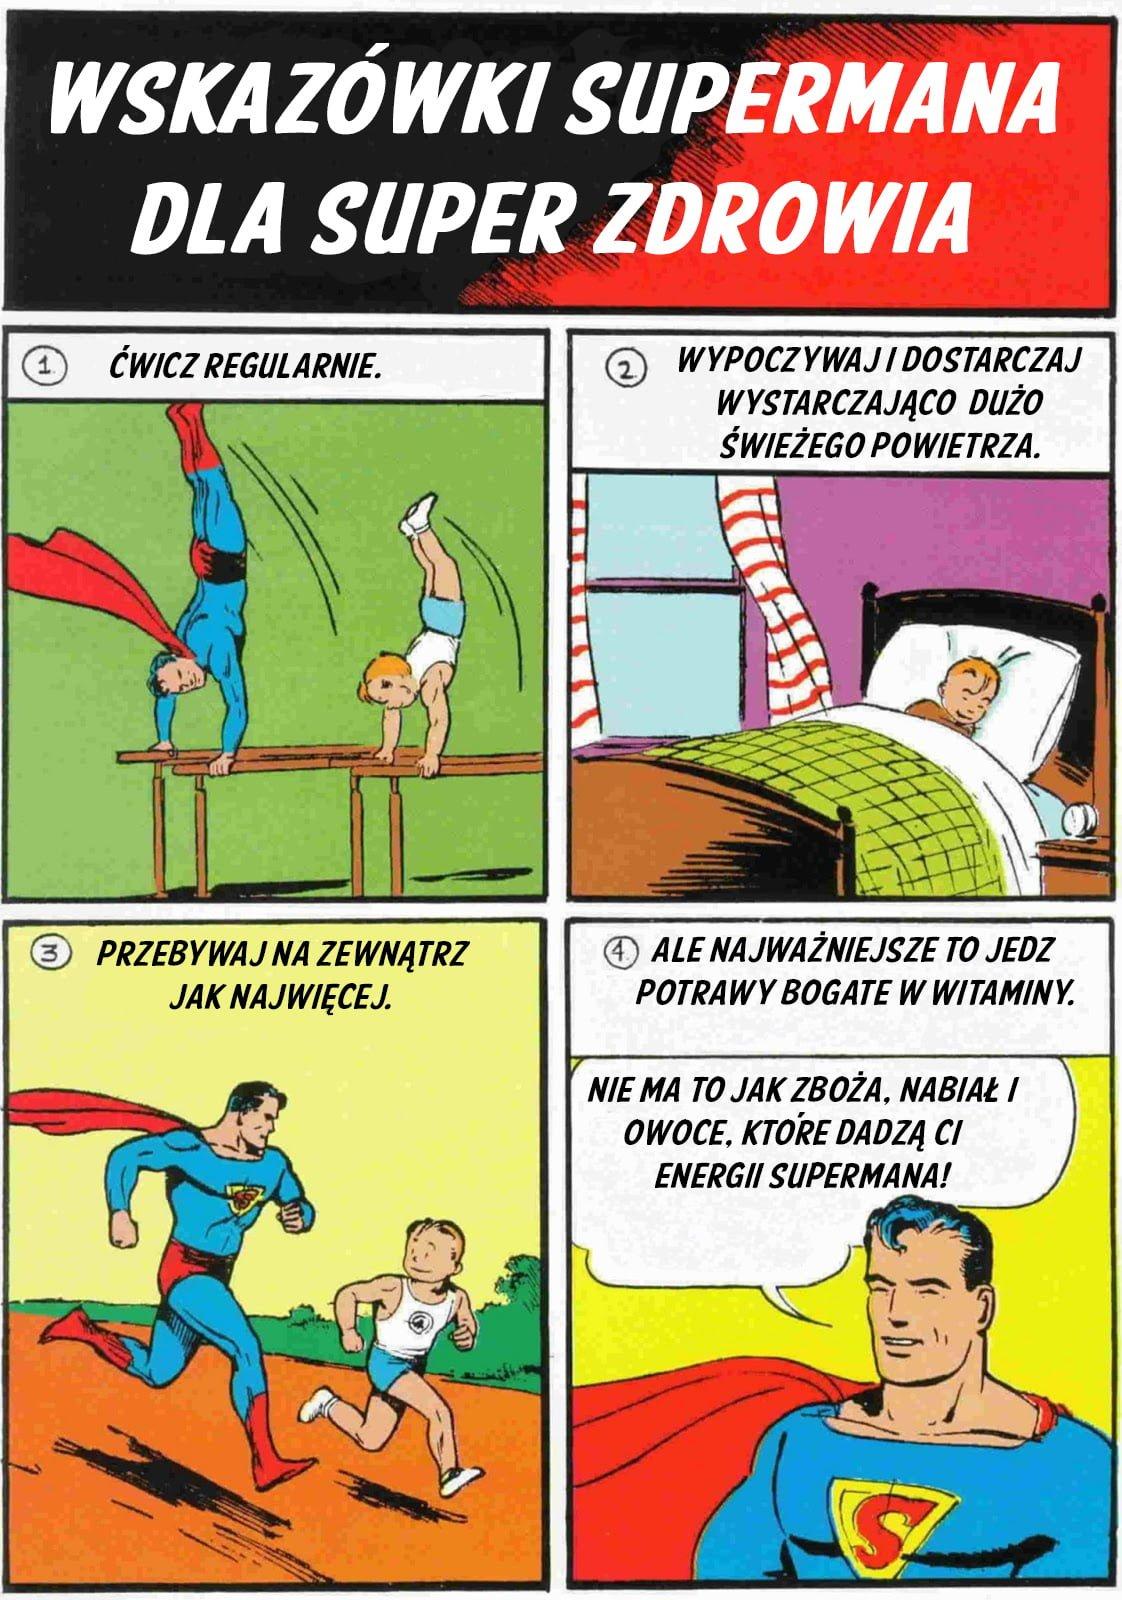 Wskazówki supermana dla super zdrowia